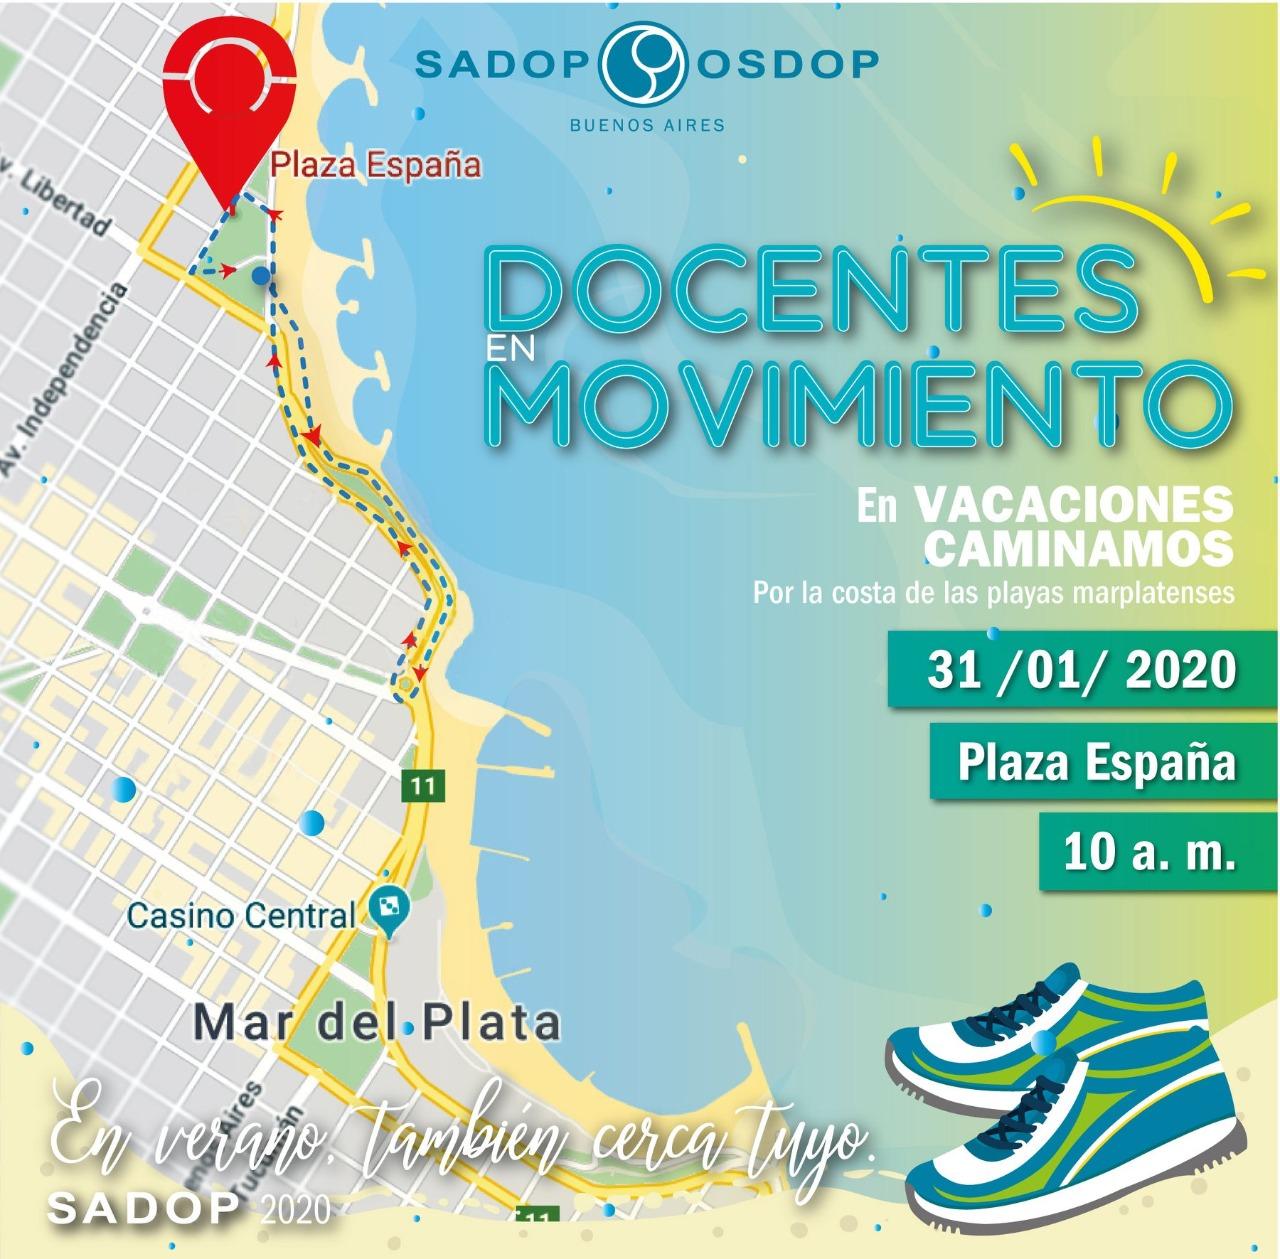 Cierran la campaña #PuntoSADOP con una caminata por la costa